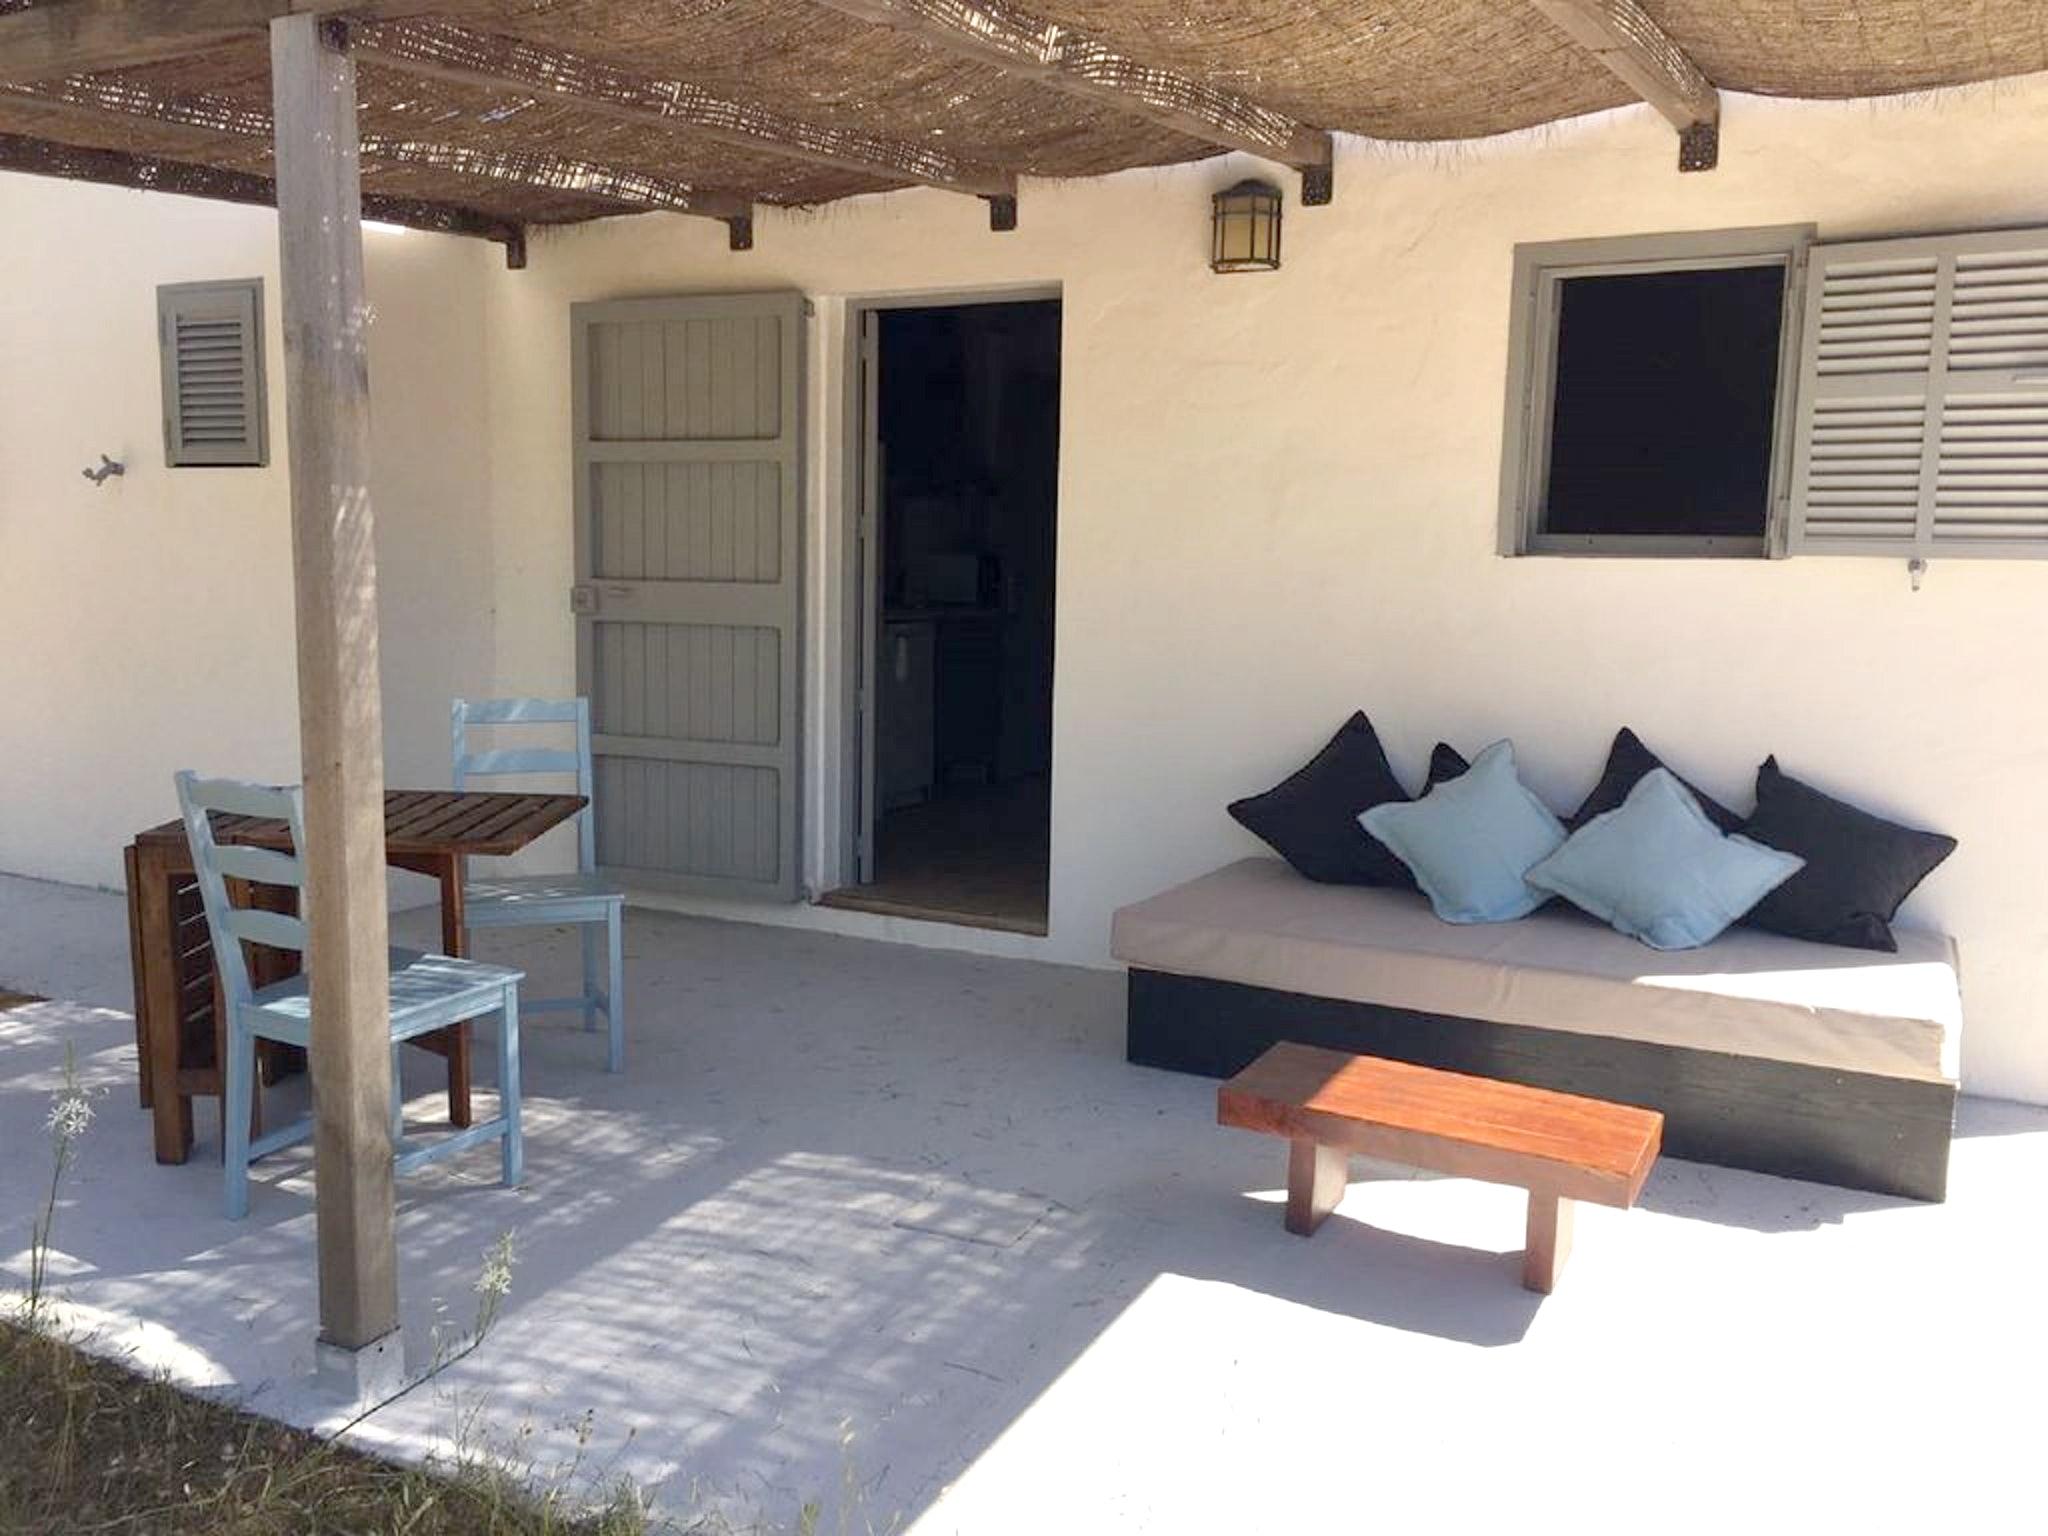 Maison de vacances Haus mit 3 Schlafzimmern in Formentera mit eingezäuntem Garten und W-LAN - 5 km vom Strand (2620580), San Francisco Javier, Formentera, Iles Baléares, Espagne, image 12